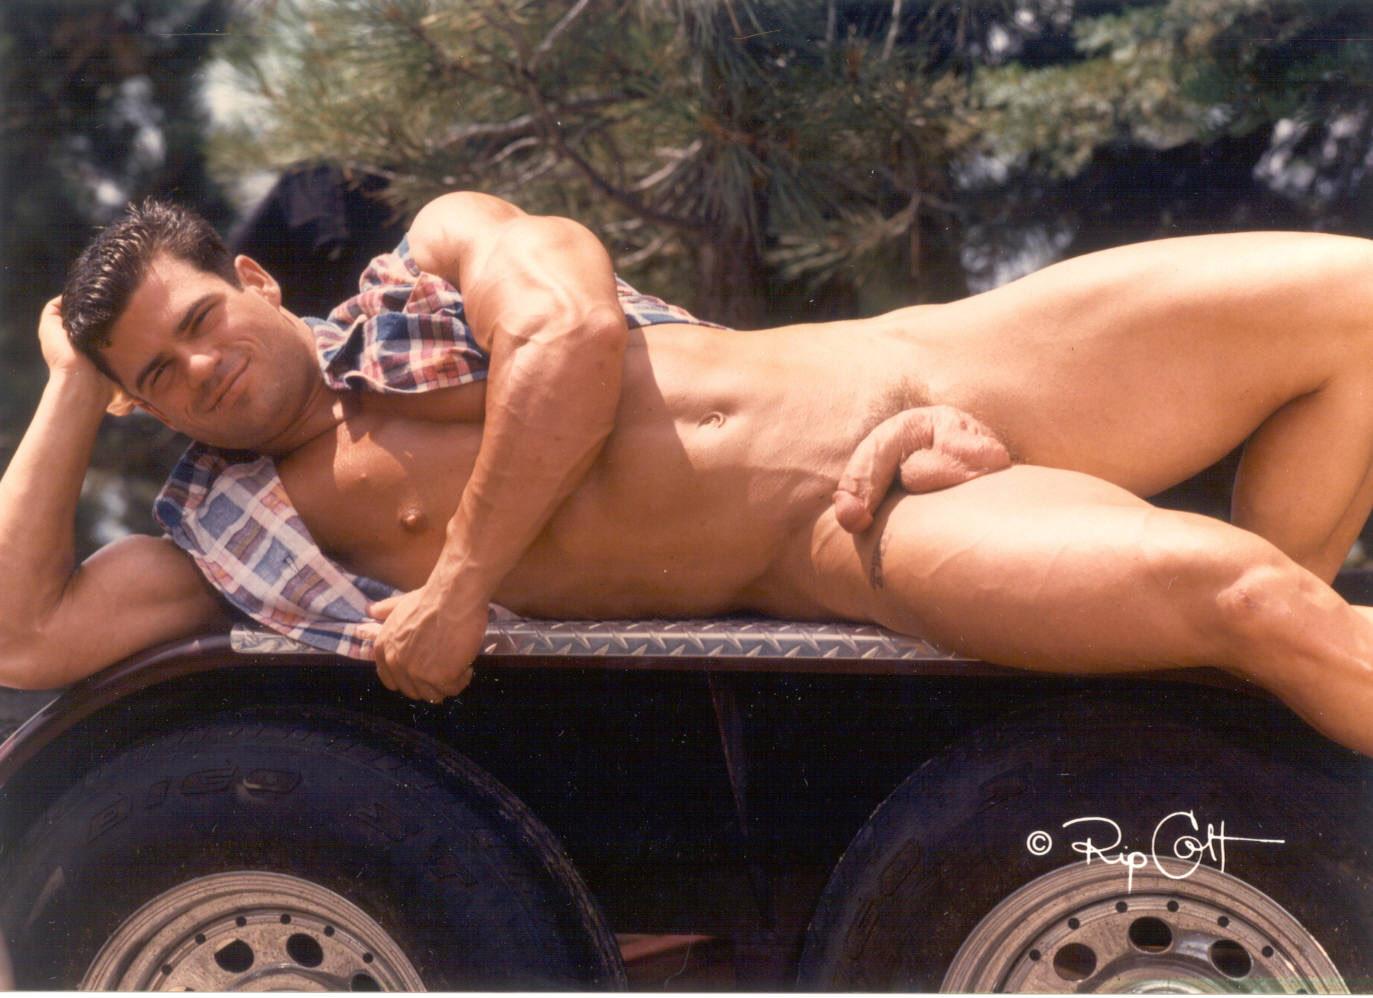 Eros a gay